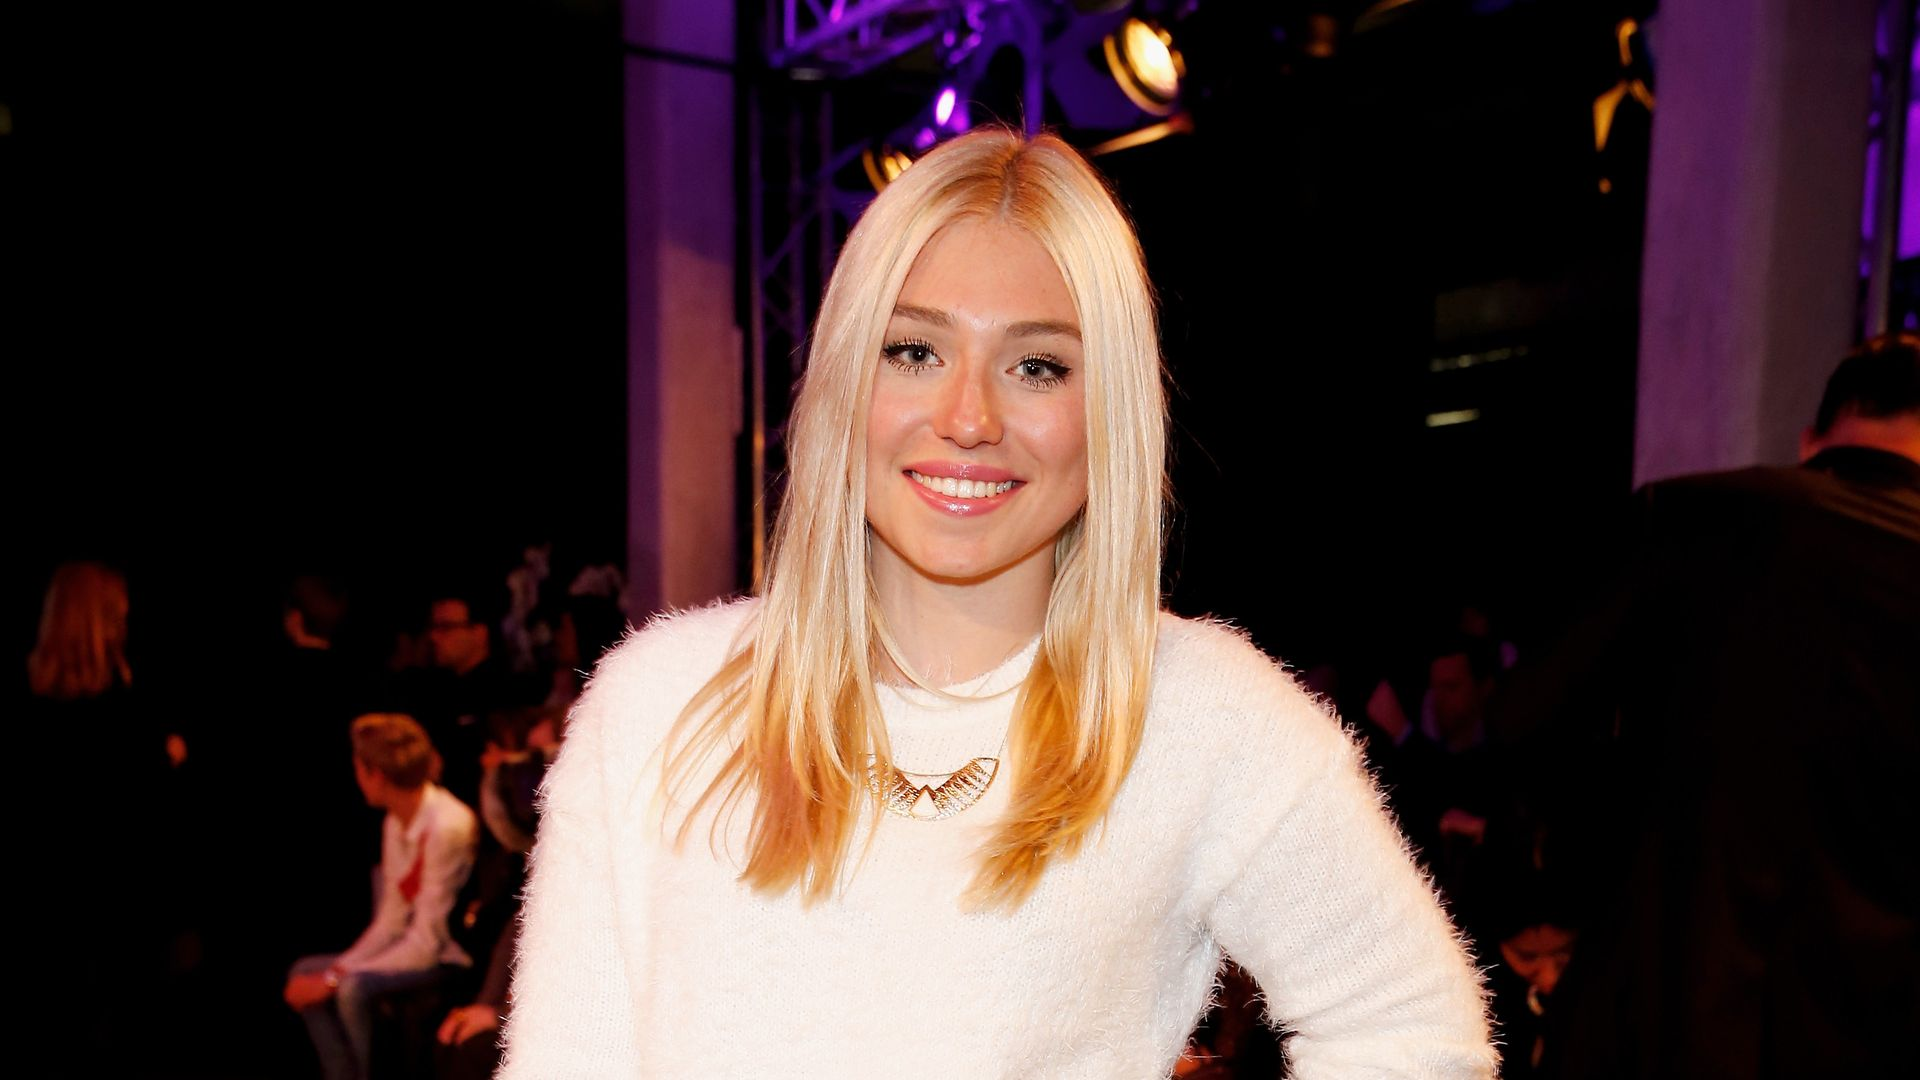 Deutsche blondine bei ihrem ersten fickdate - 1 5